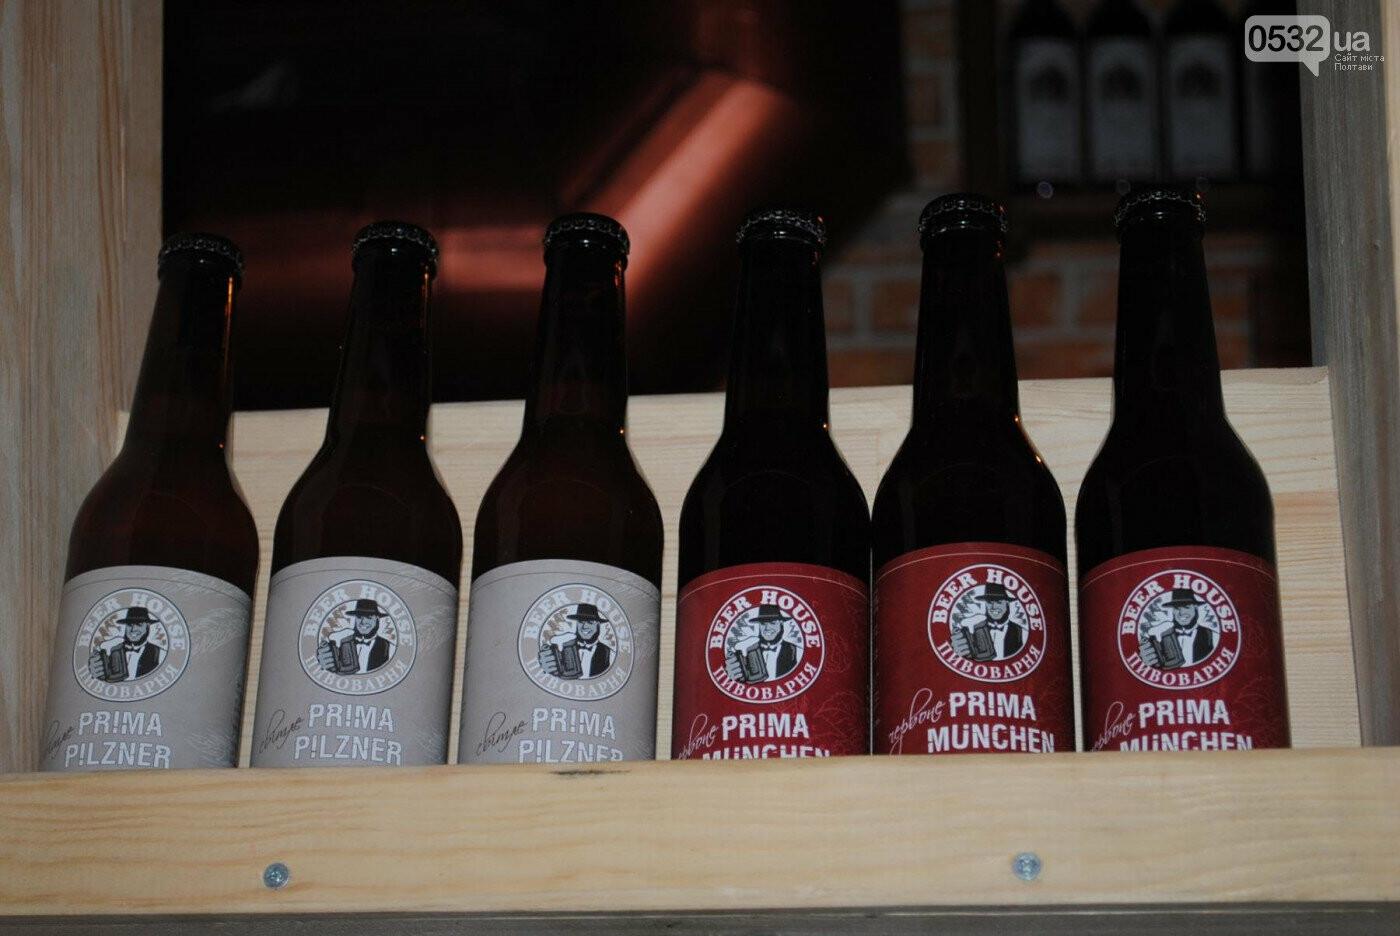 Дегустація свіжого пива та настоянок, фото-2